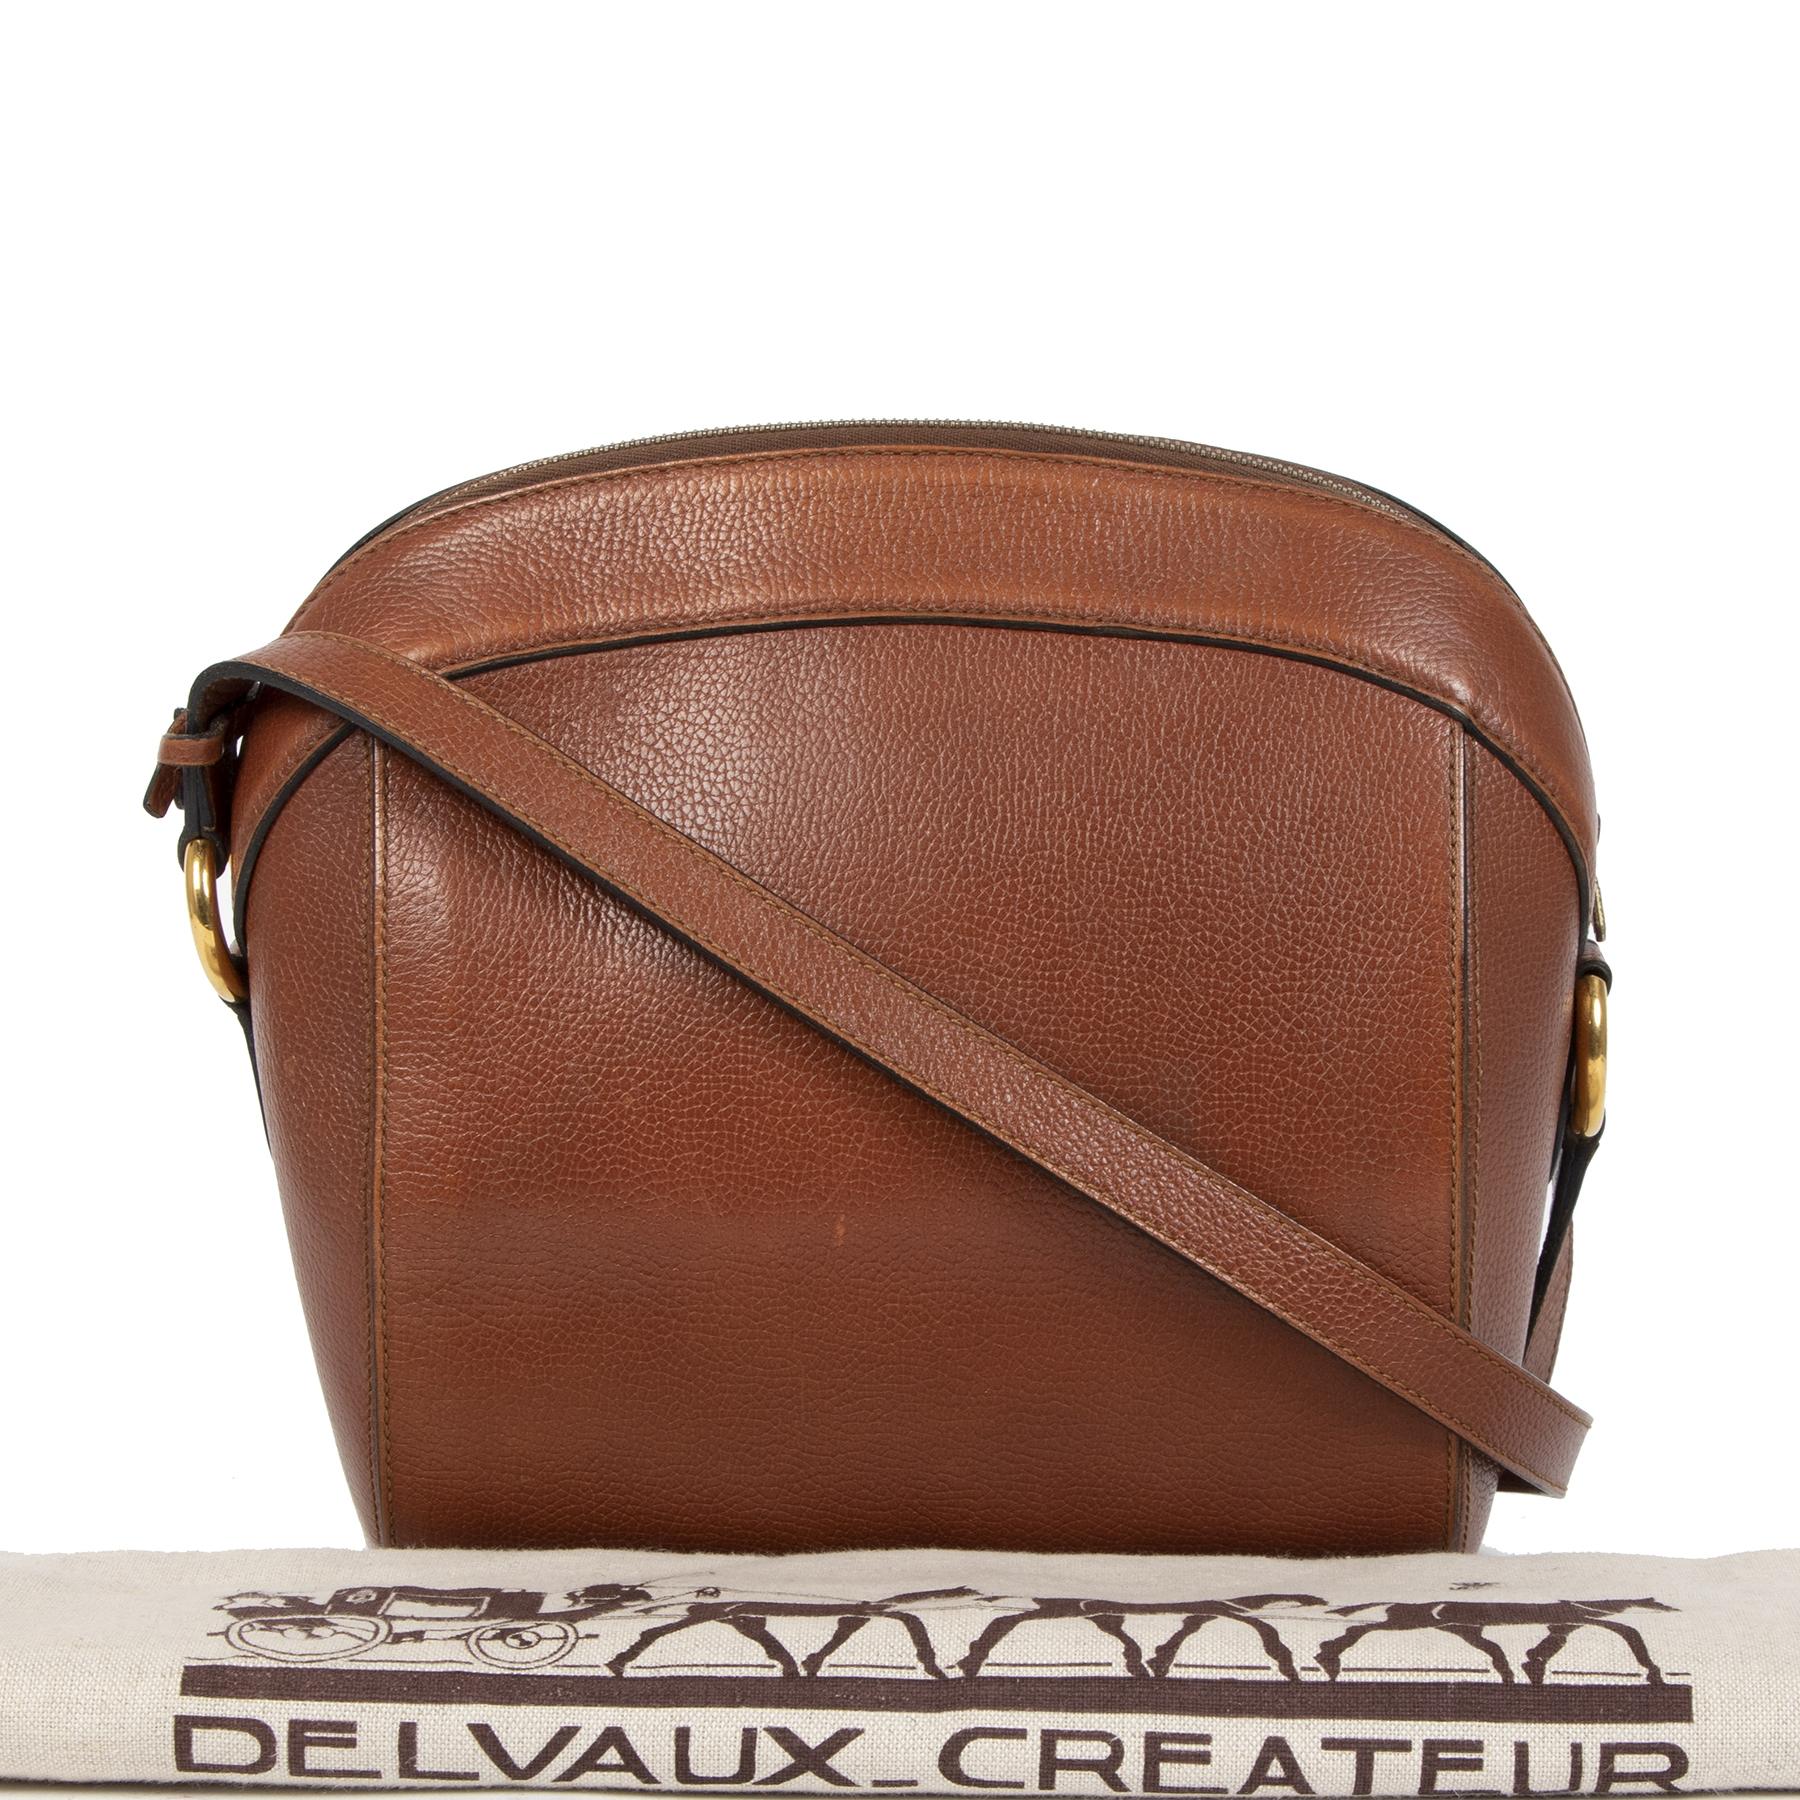 Delvaux Cognac Crossbody Shoulder Bag kopen en verkopen aan de beste prijs bij Labellov